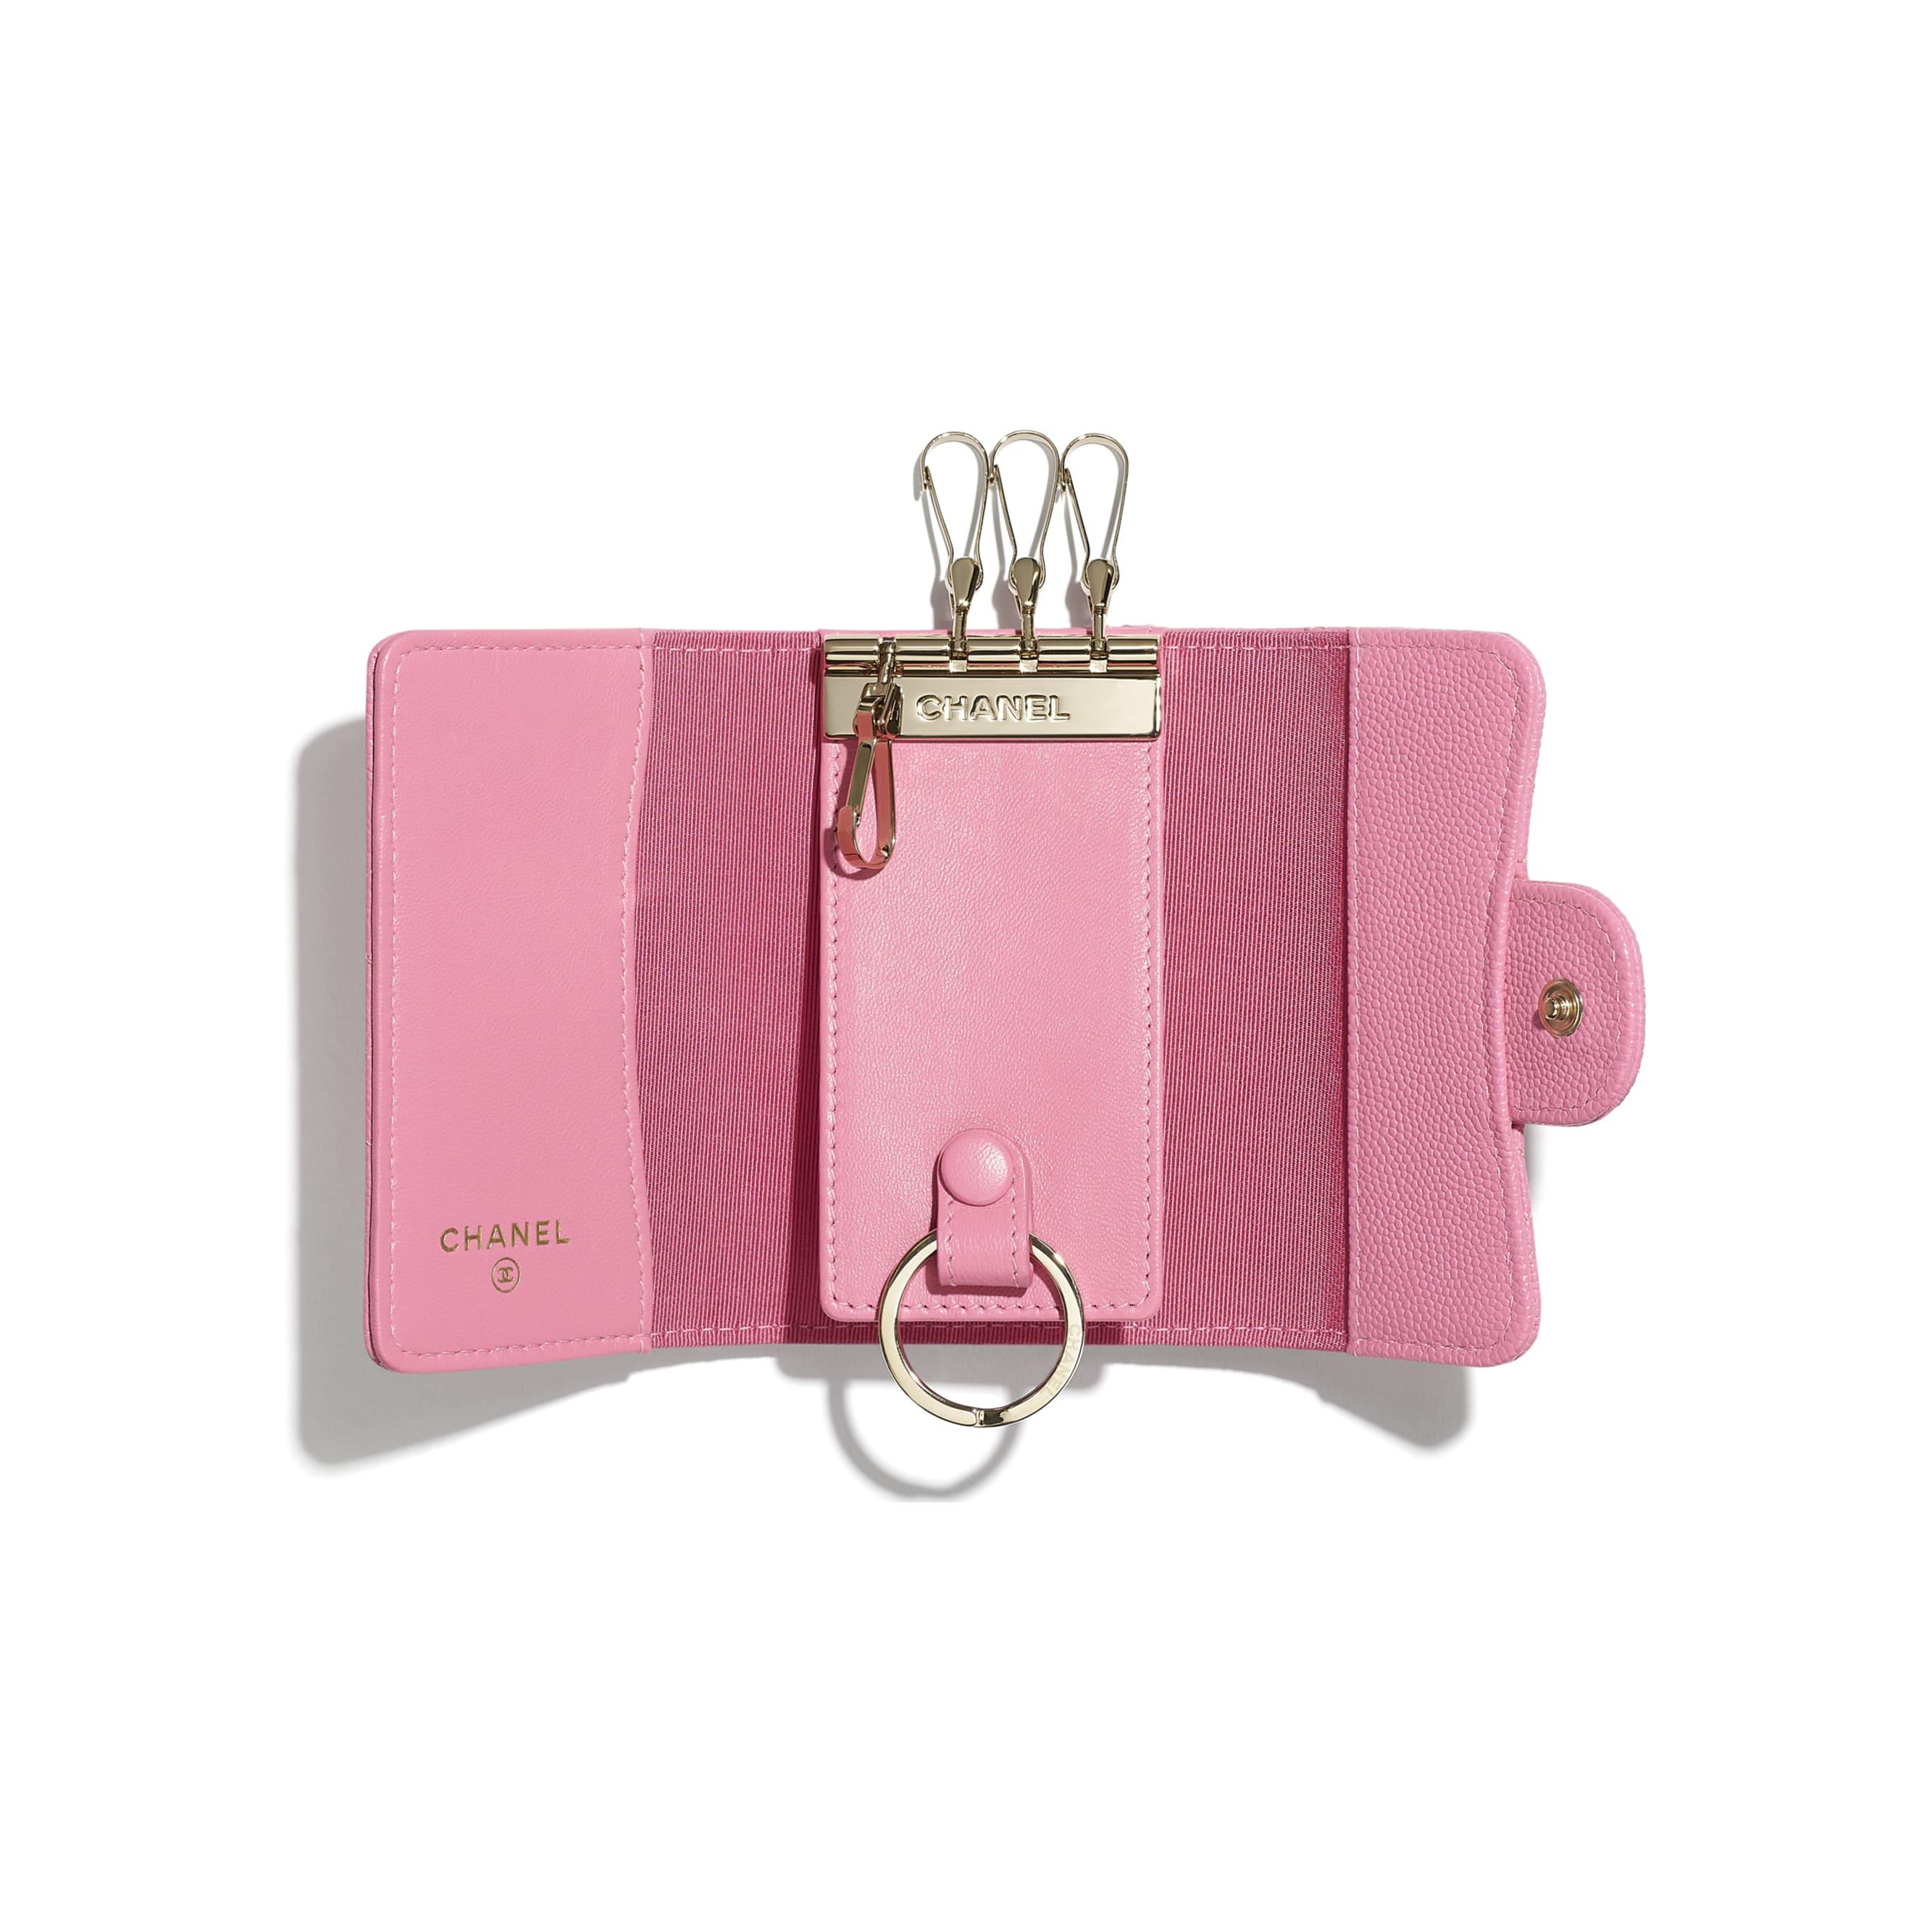 Klassisches Schlüsseletui mit Patte - Rosa - Genarbtes Kalbsleder & goldfarbenes Metall - CHANEL - Alternative Ansicht - Standardgröße anzeigen